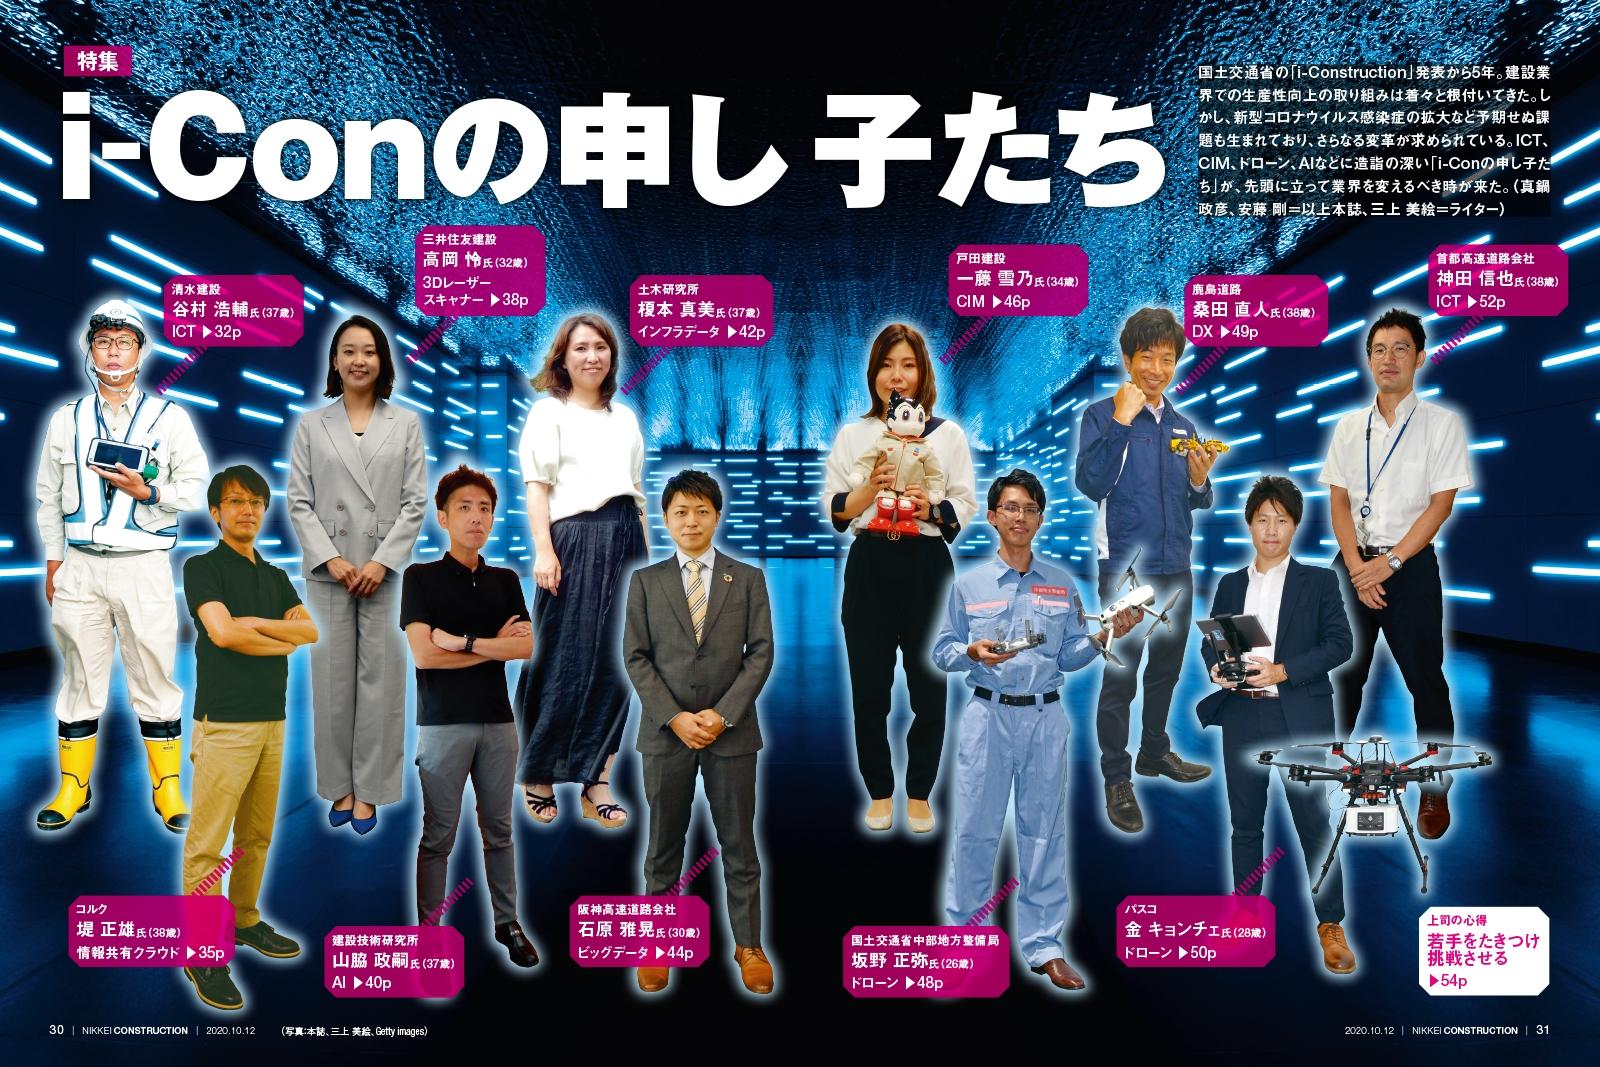 (写真:日経コンストラクション、三上 美絵、Getty images)